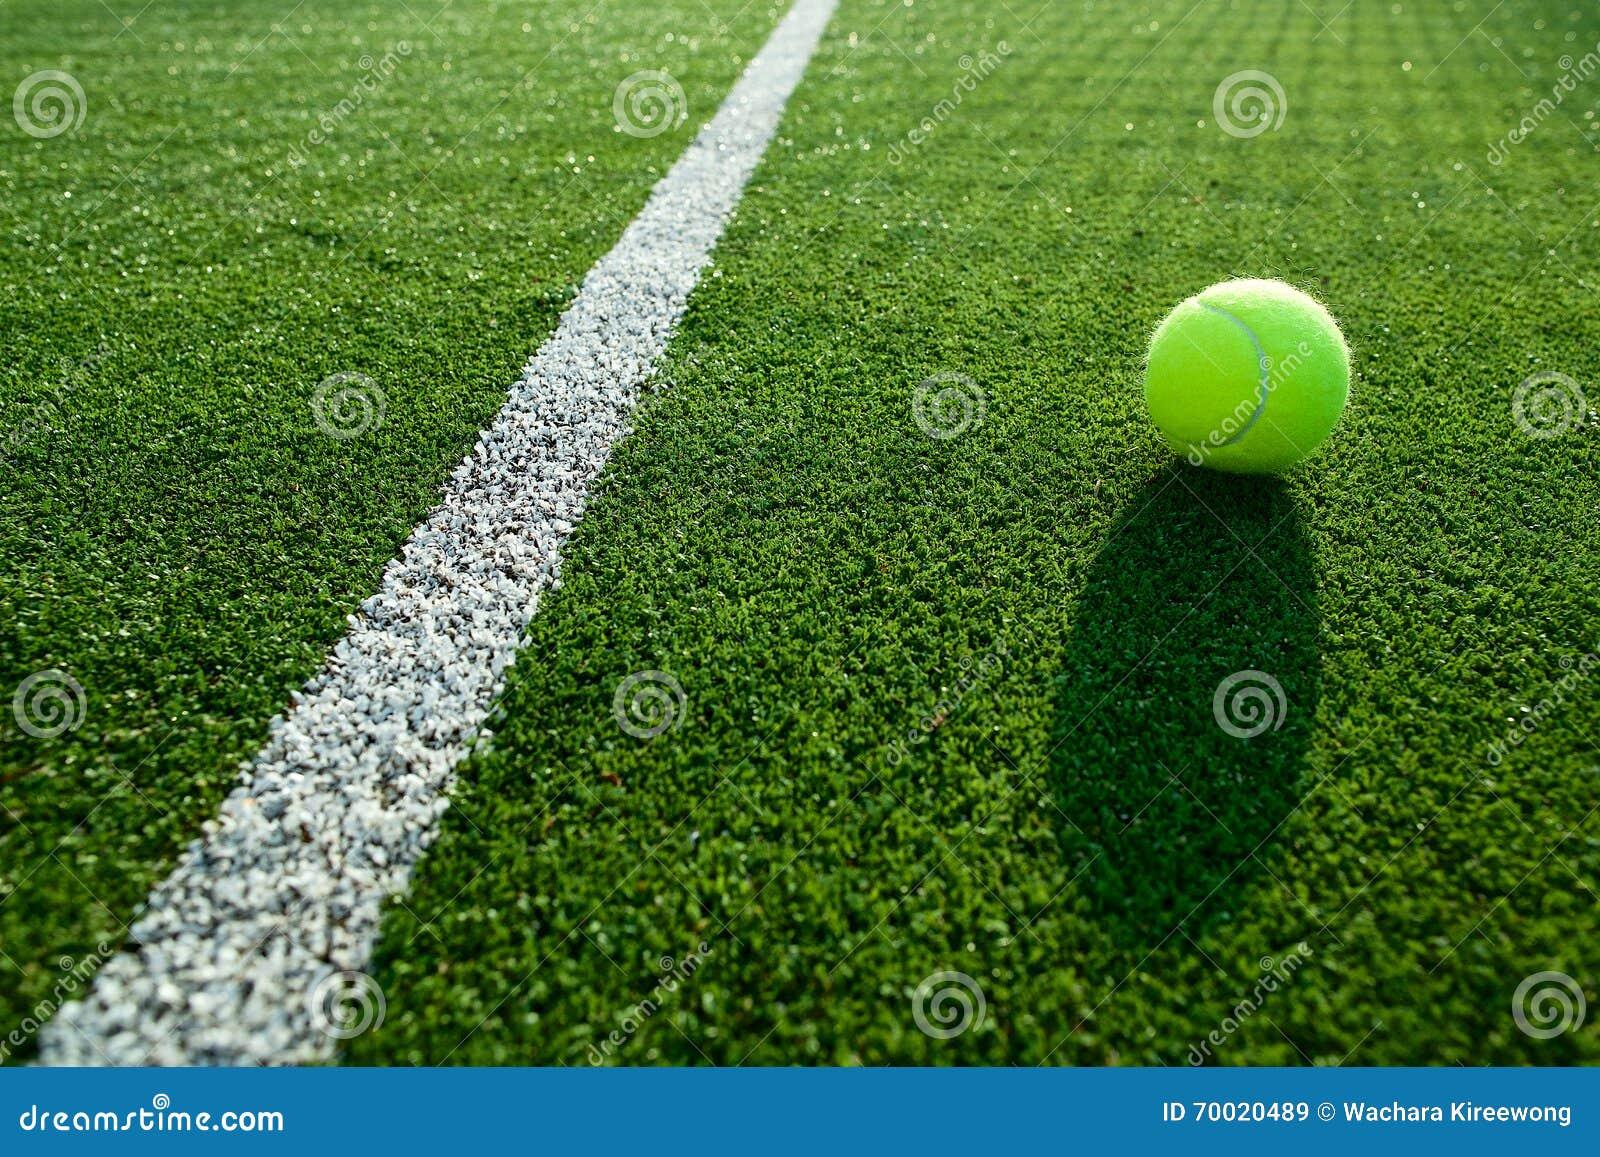 Zachte nadruk van tennisbal op het hofgoed van het tennisgras voor backgro